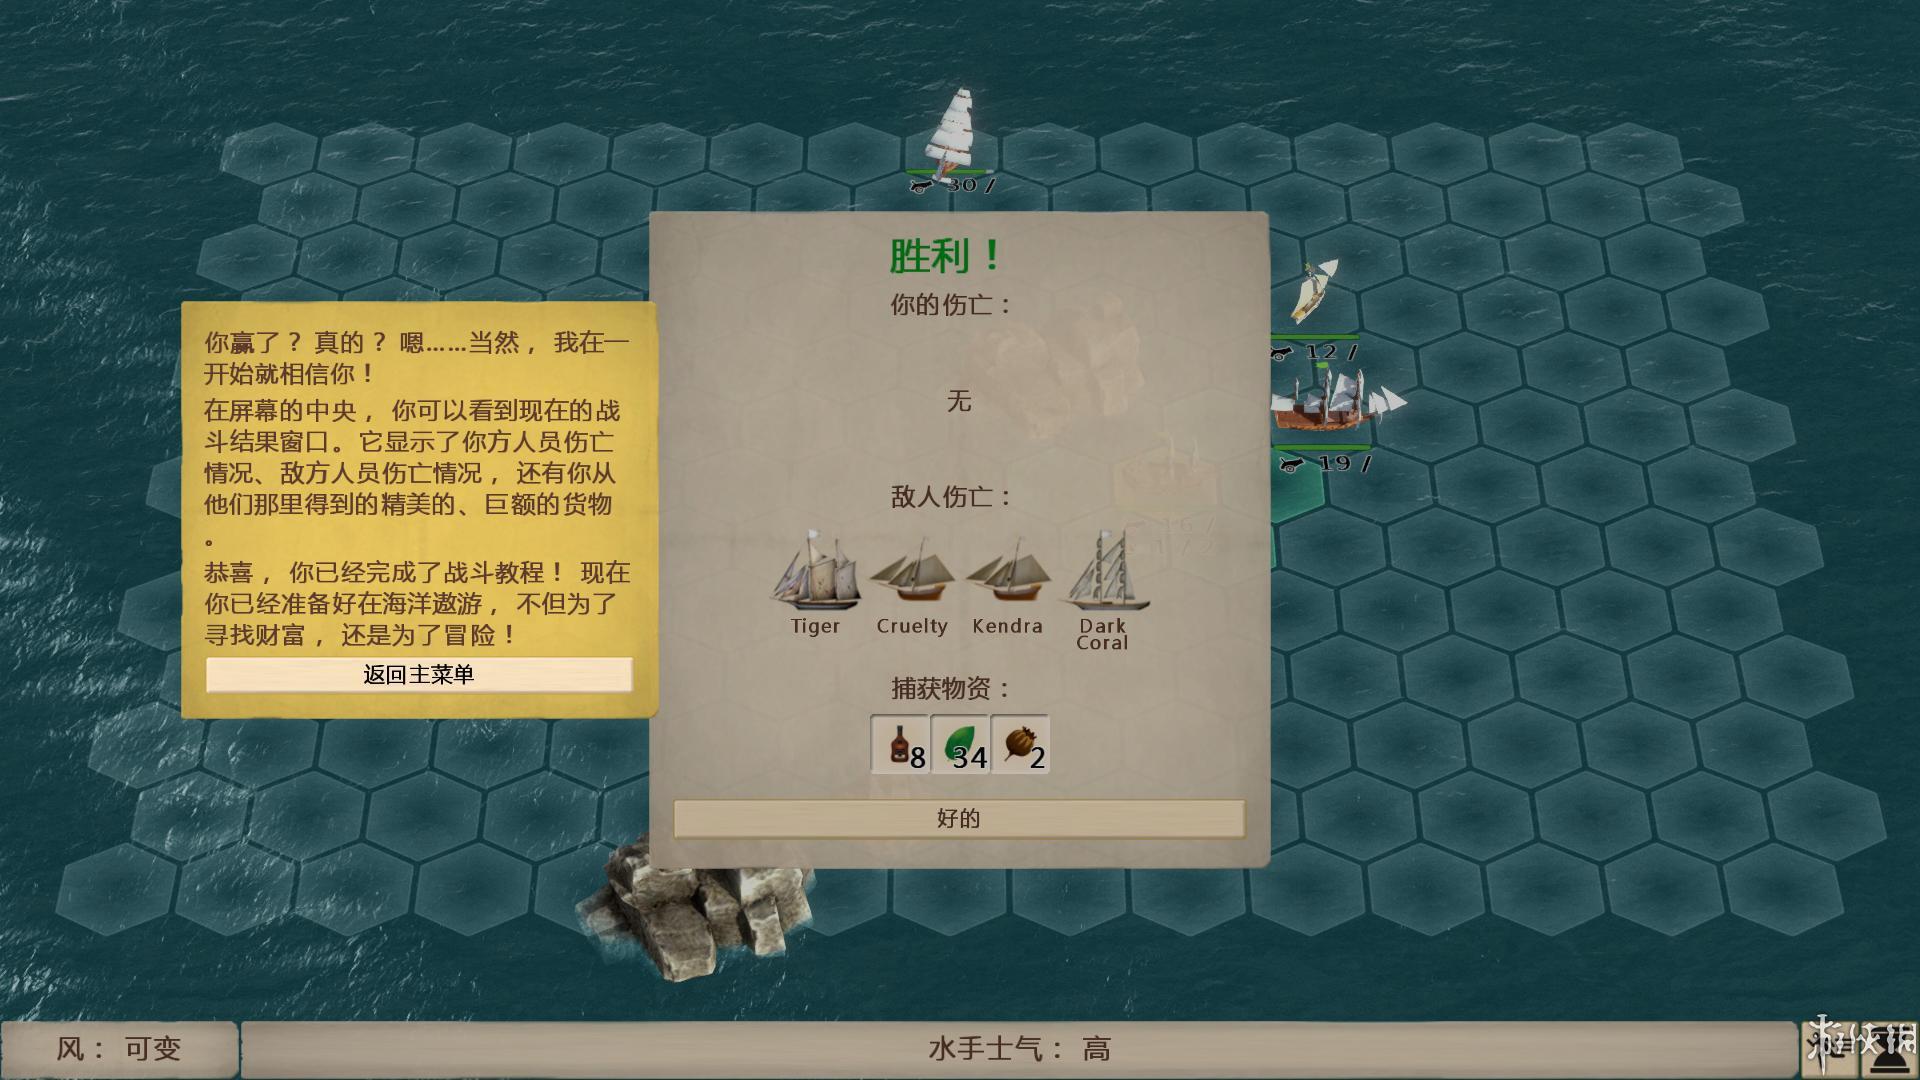 贸易之风 v1.5.1 绿色免安装中文2.0硬盘版下载